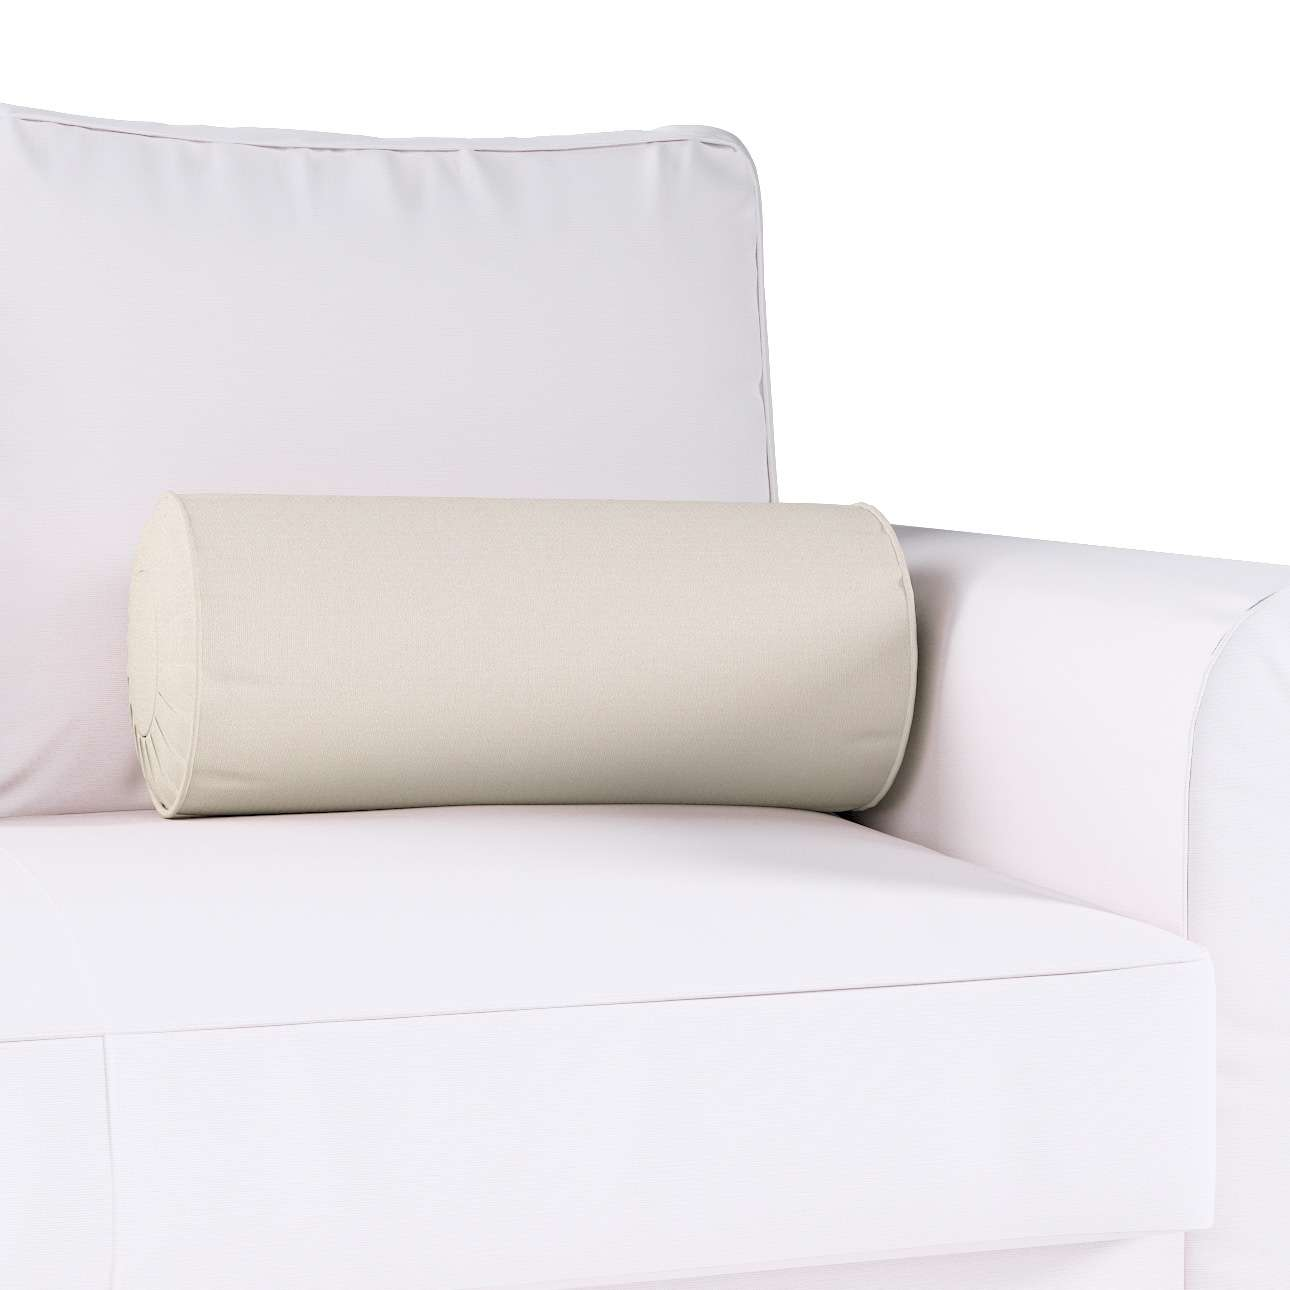 Nackenrolle mit Falten von der Kollektion Cotton Panama, Stoff: 702-31